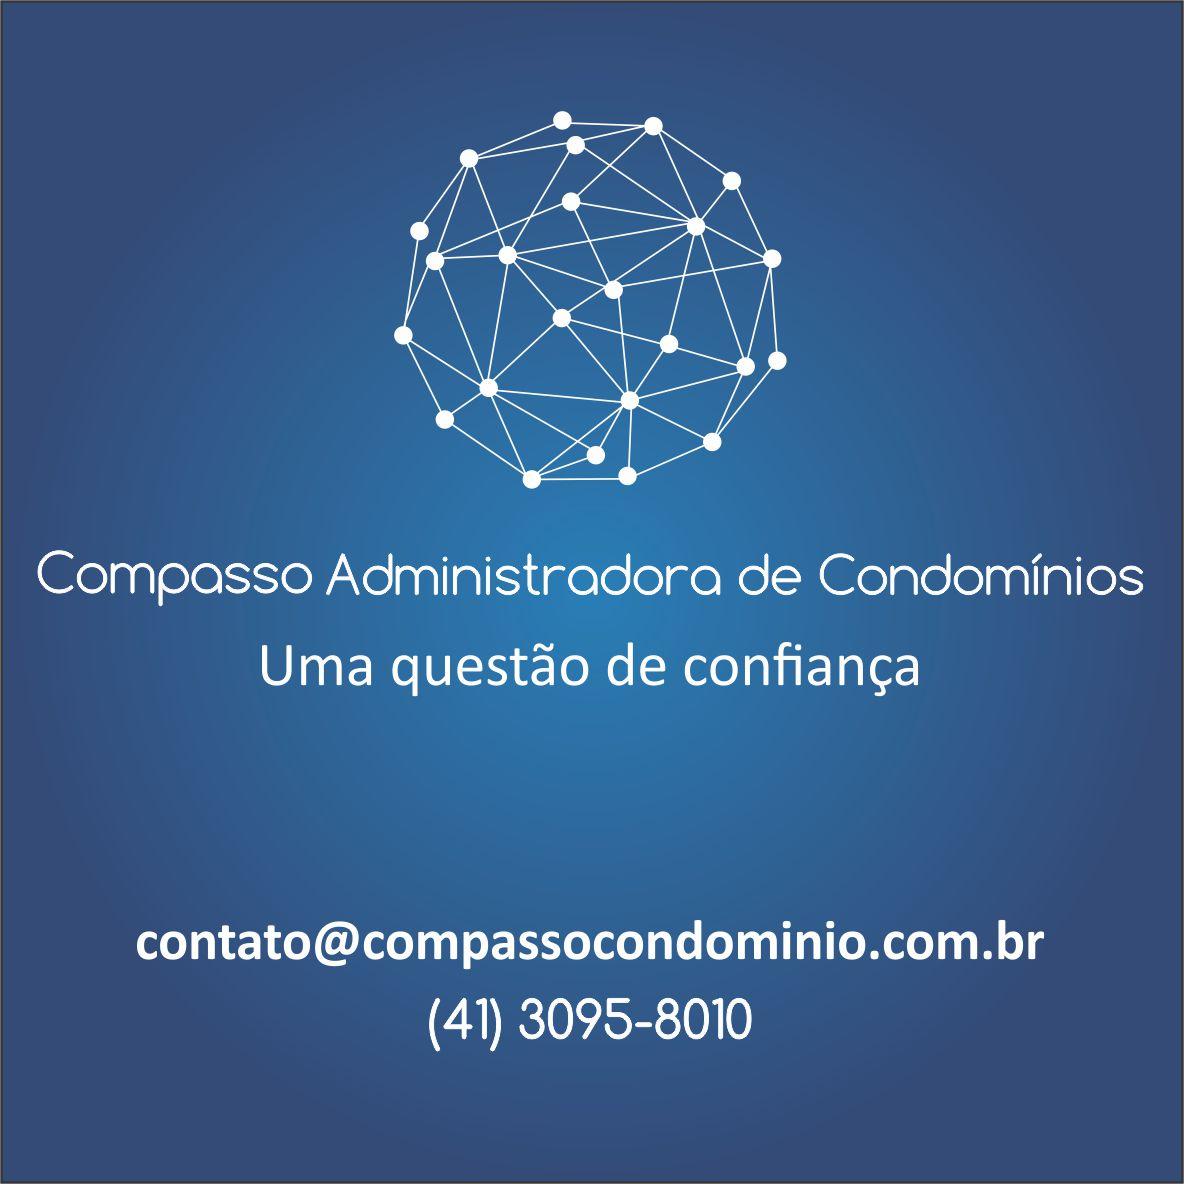 compasso adm